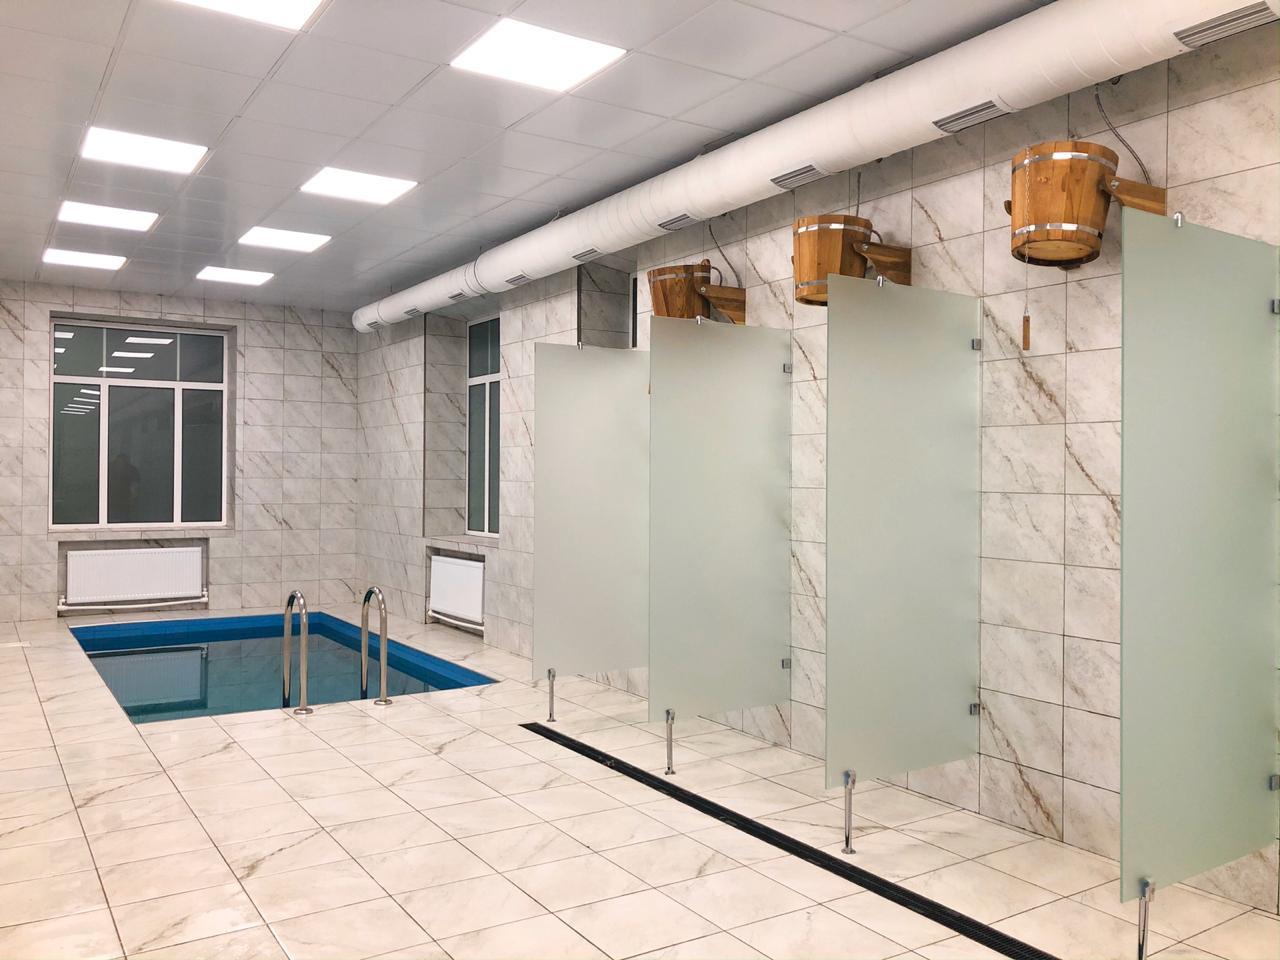 Общественная баня – основные отличия процесса возведения и эксплуатации